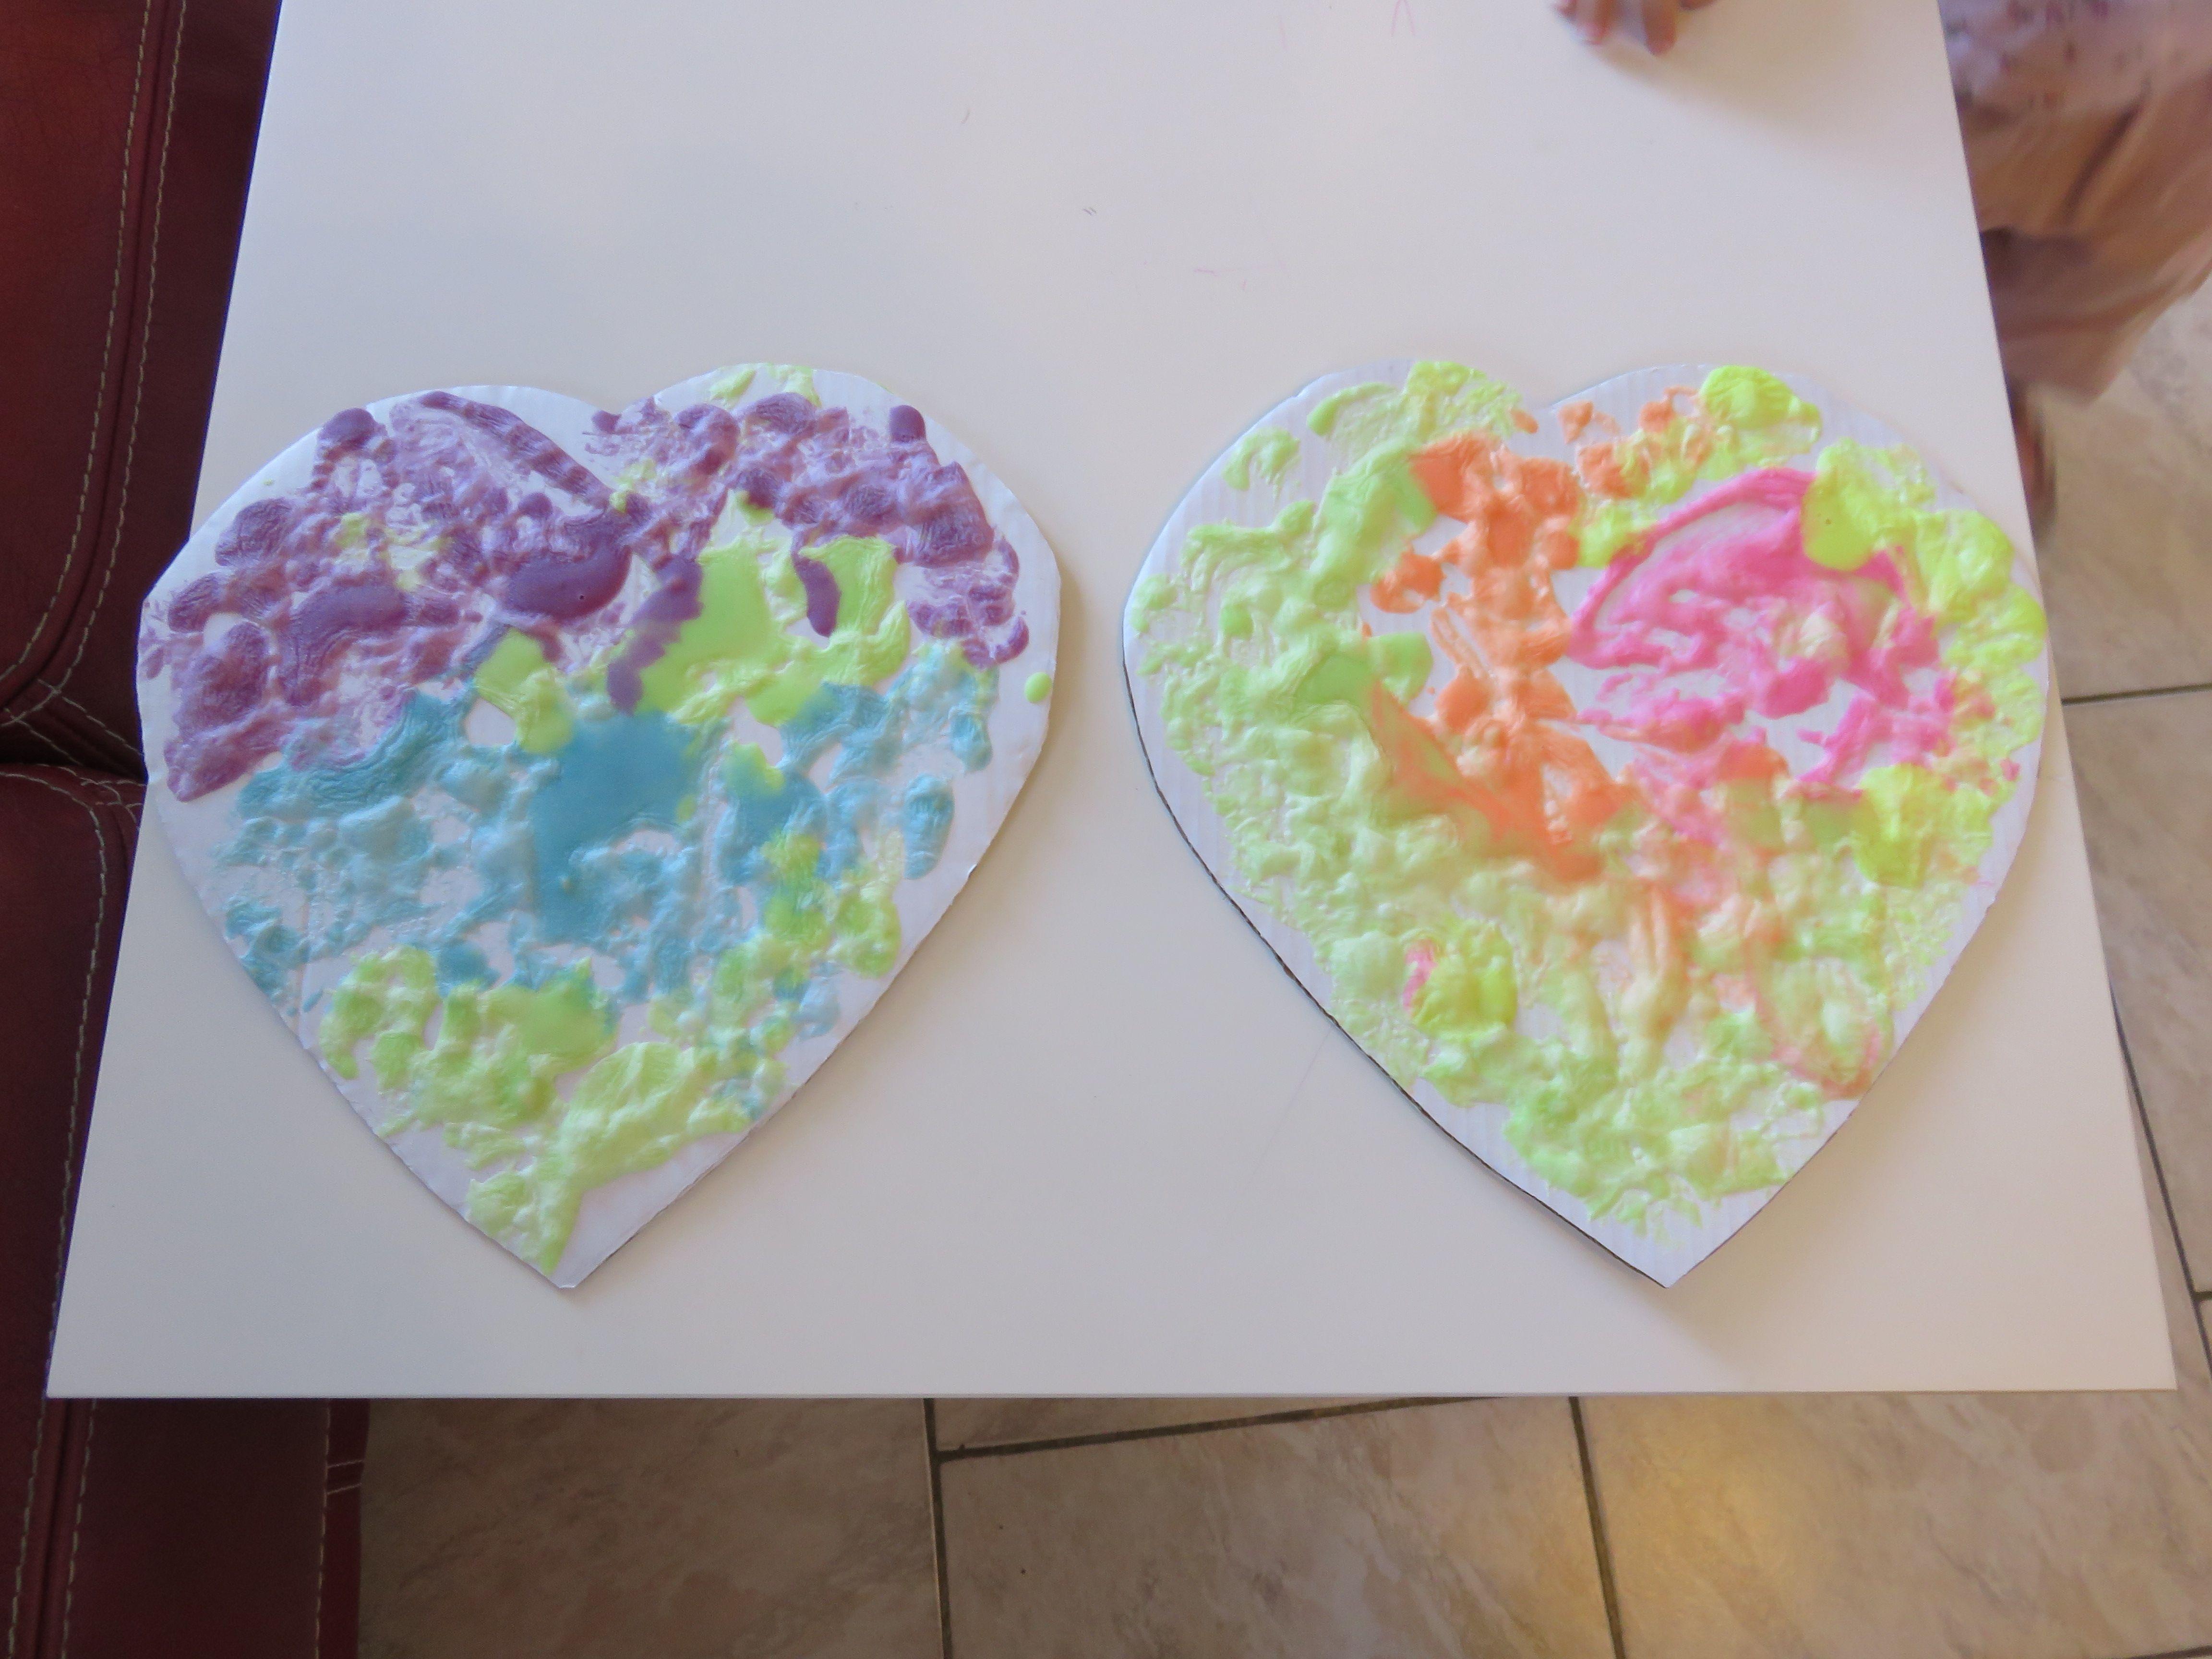 peinture qui gonfle au micro-onde 3 c à s de farine 3 c à s de sel fin 5 c à s d'eau colorants alimentaires 1 c à café de levure un four à micro onde